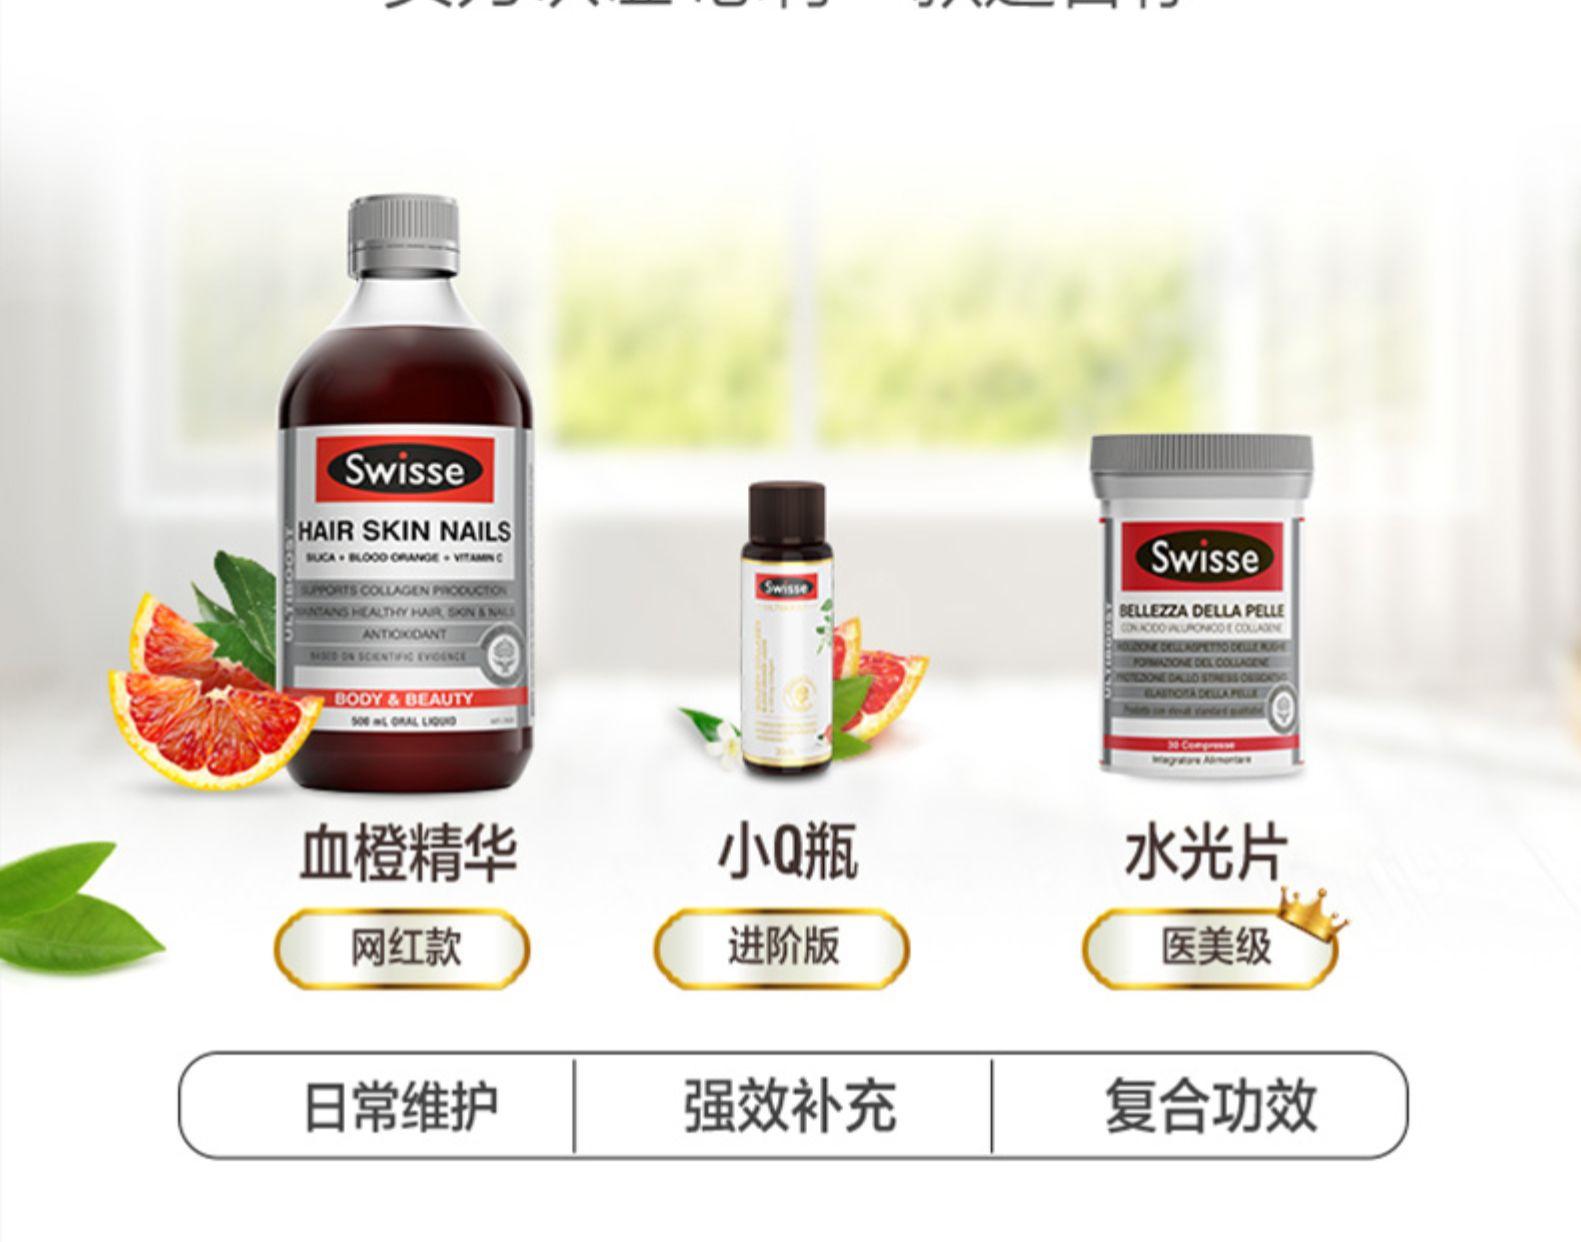 意大利热销Swisse斯维诗口服玻尿酸水光片胶原蛋白21天挑战水光肌 我们的产品 第2张